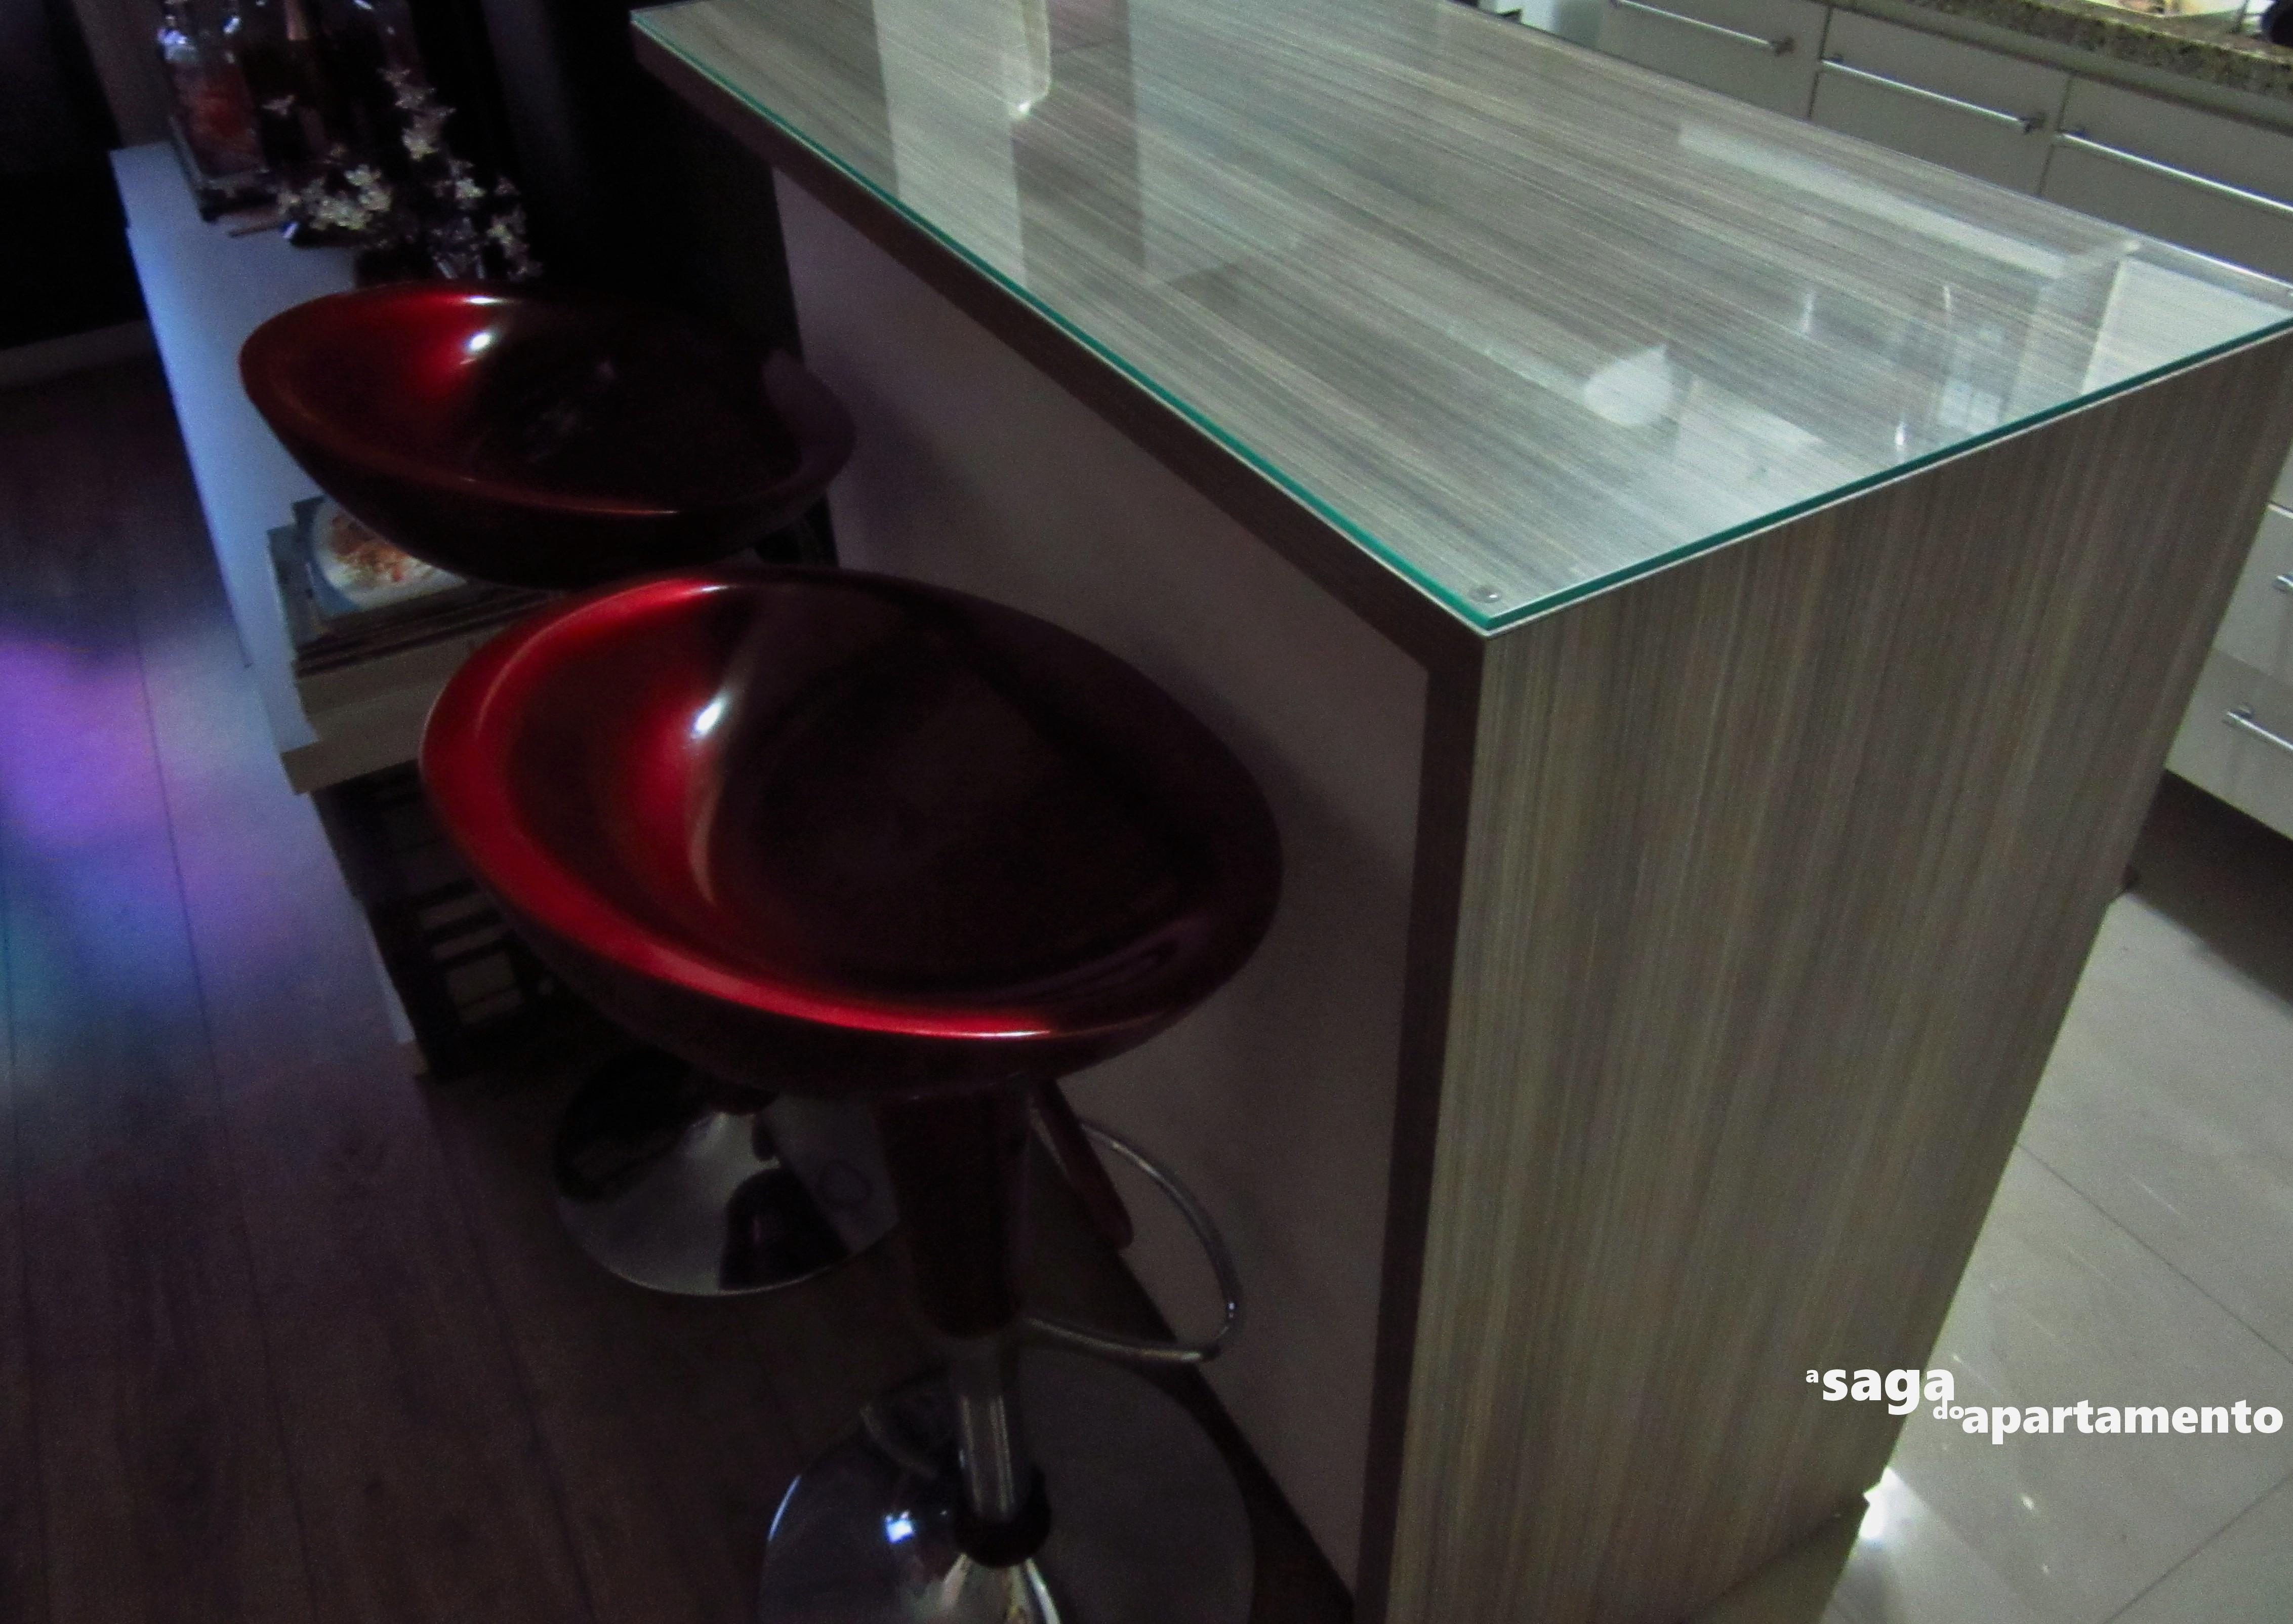 Na verdade se repararem bem o vidro é um pouquinho de nada menor  #691D25 4530 3208